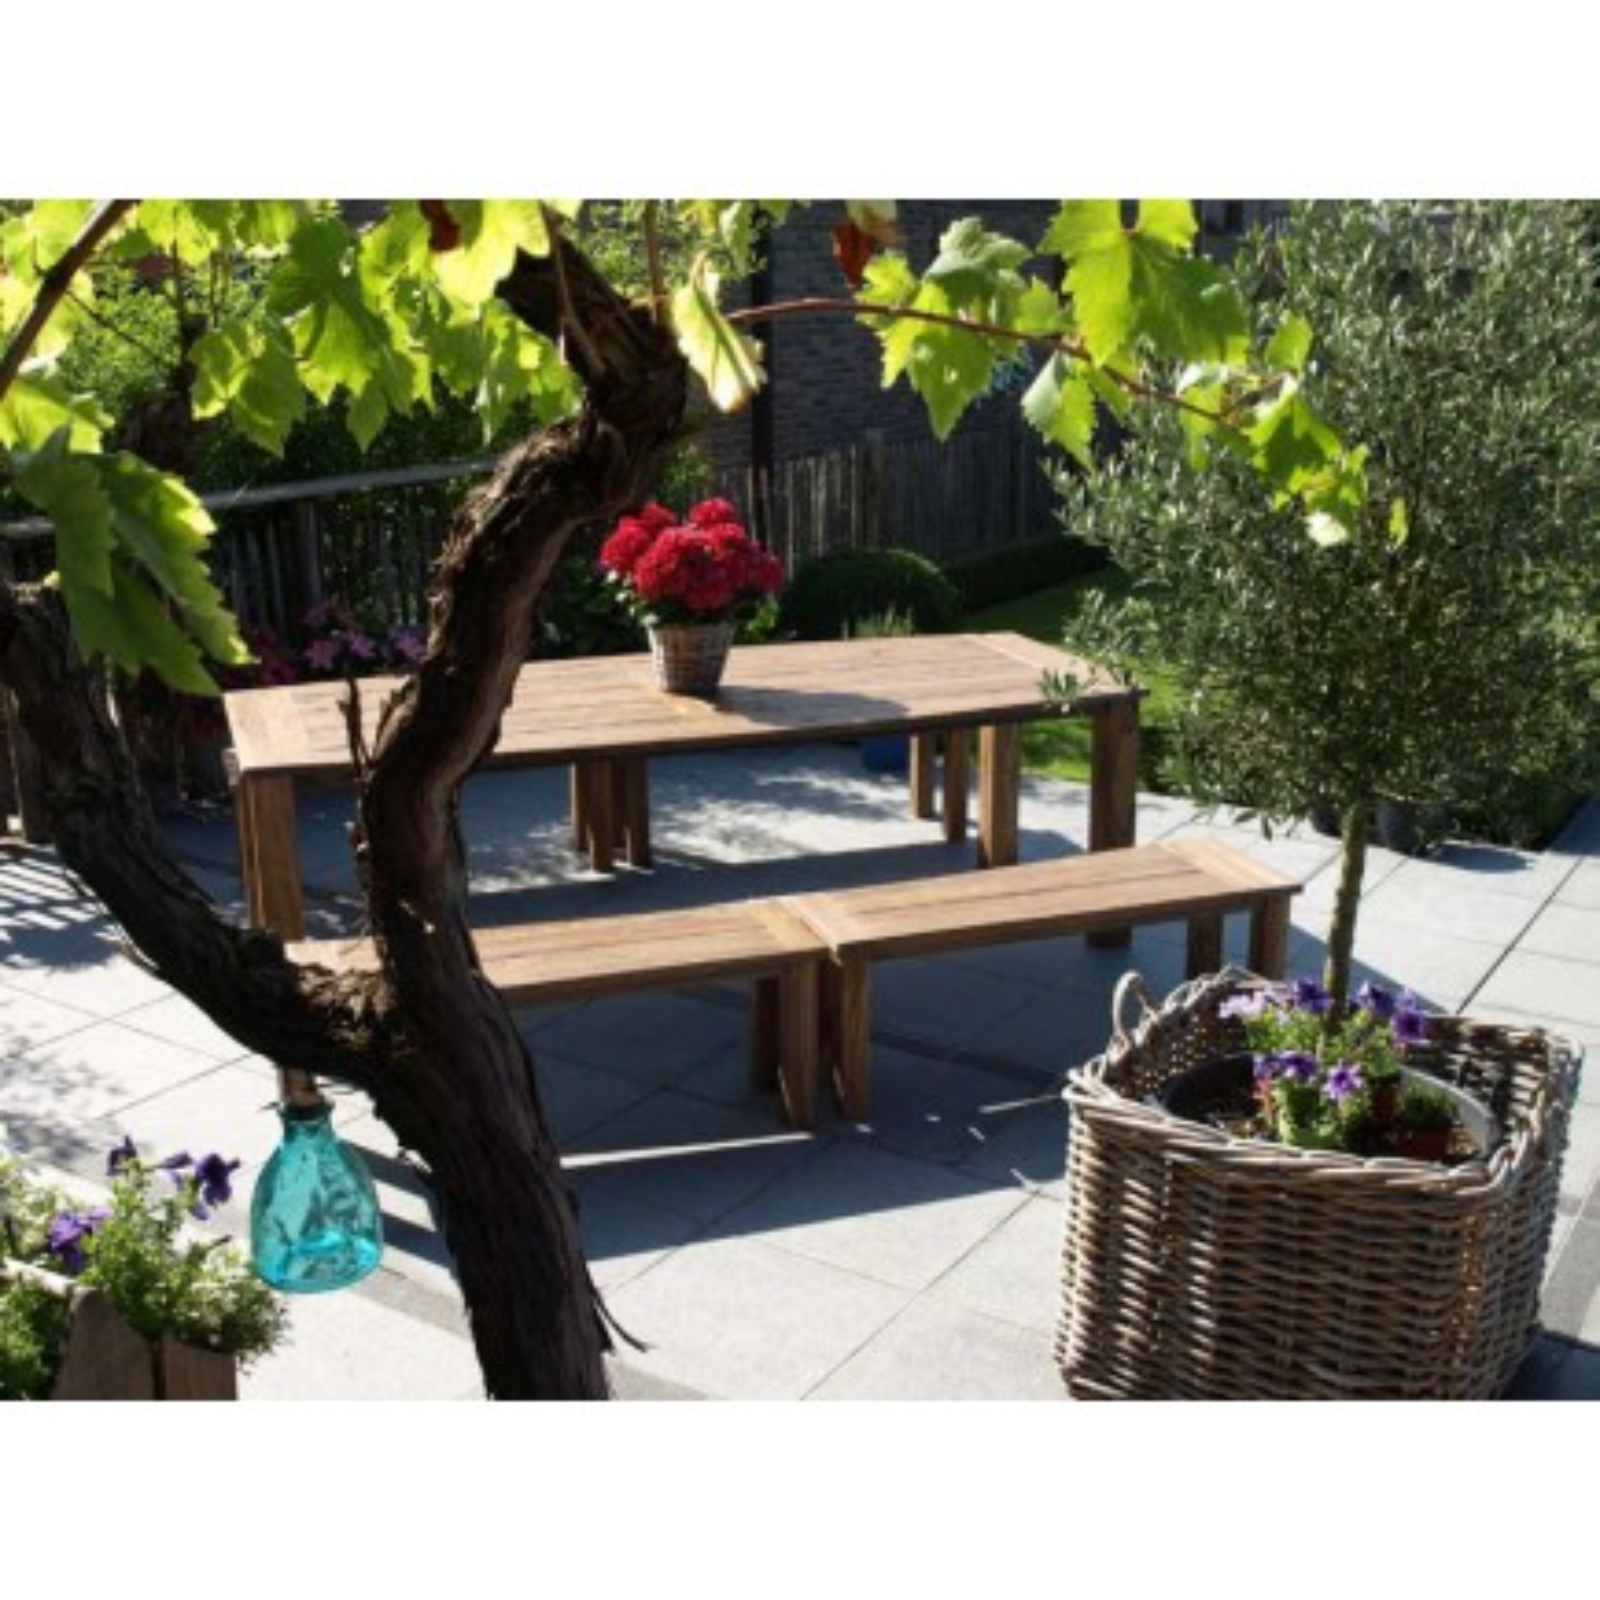 Table de jardin en bois exotique. Mobilier haut de gamme Eclipse